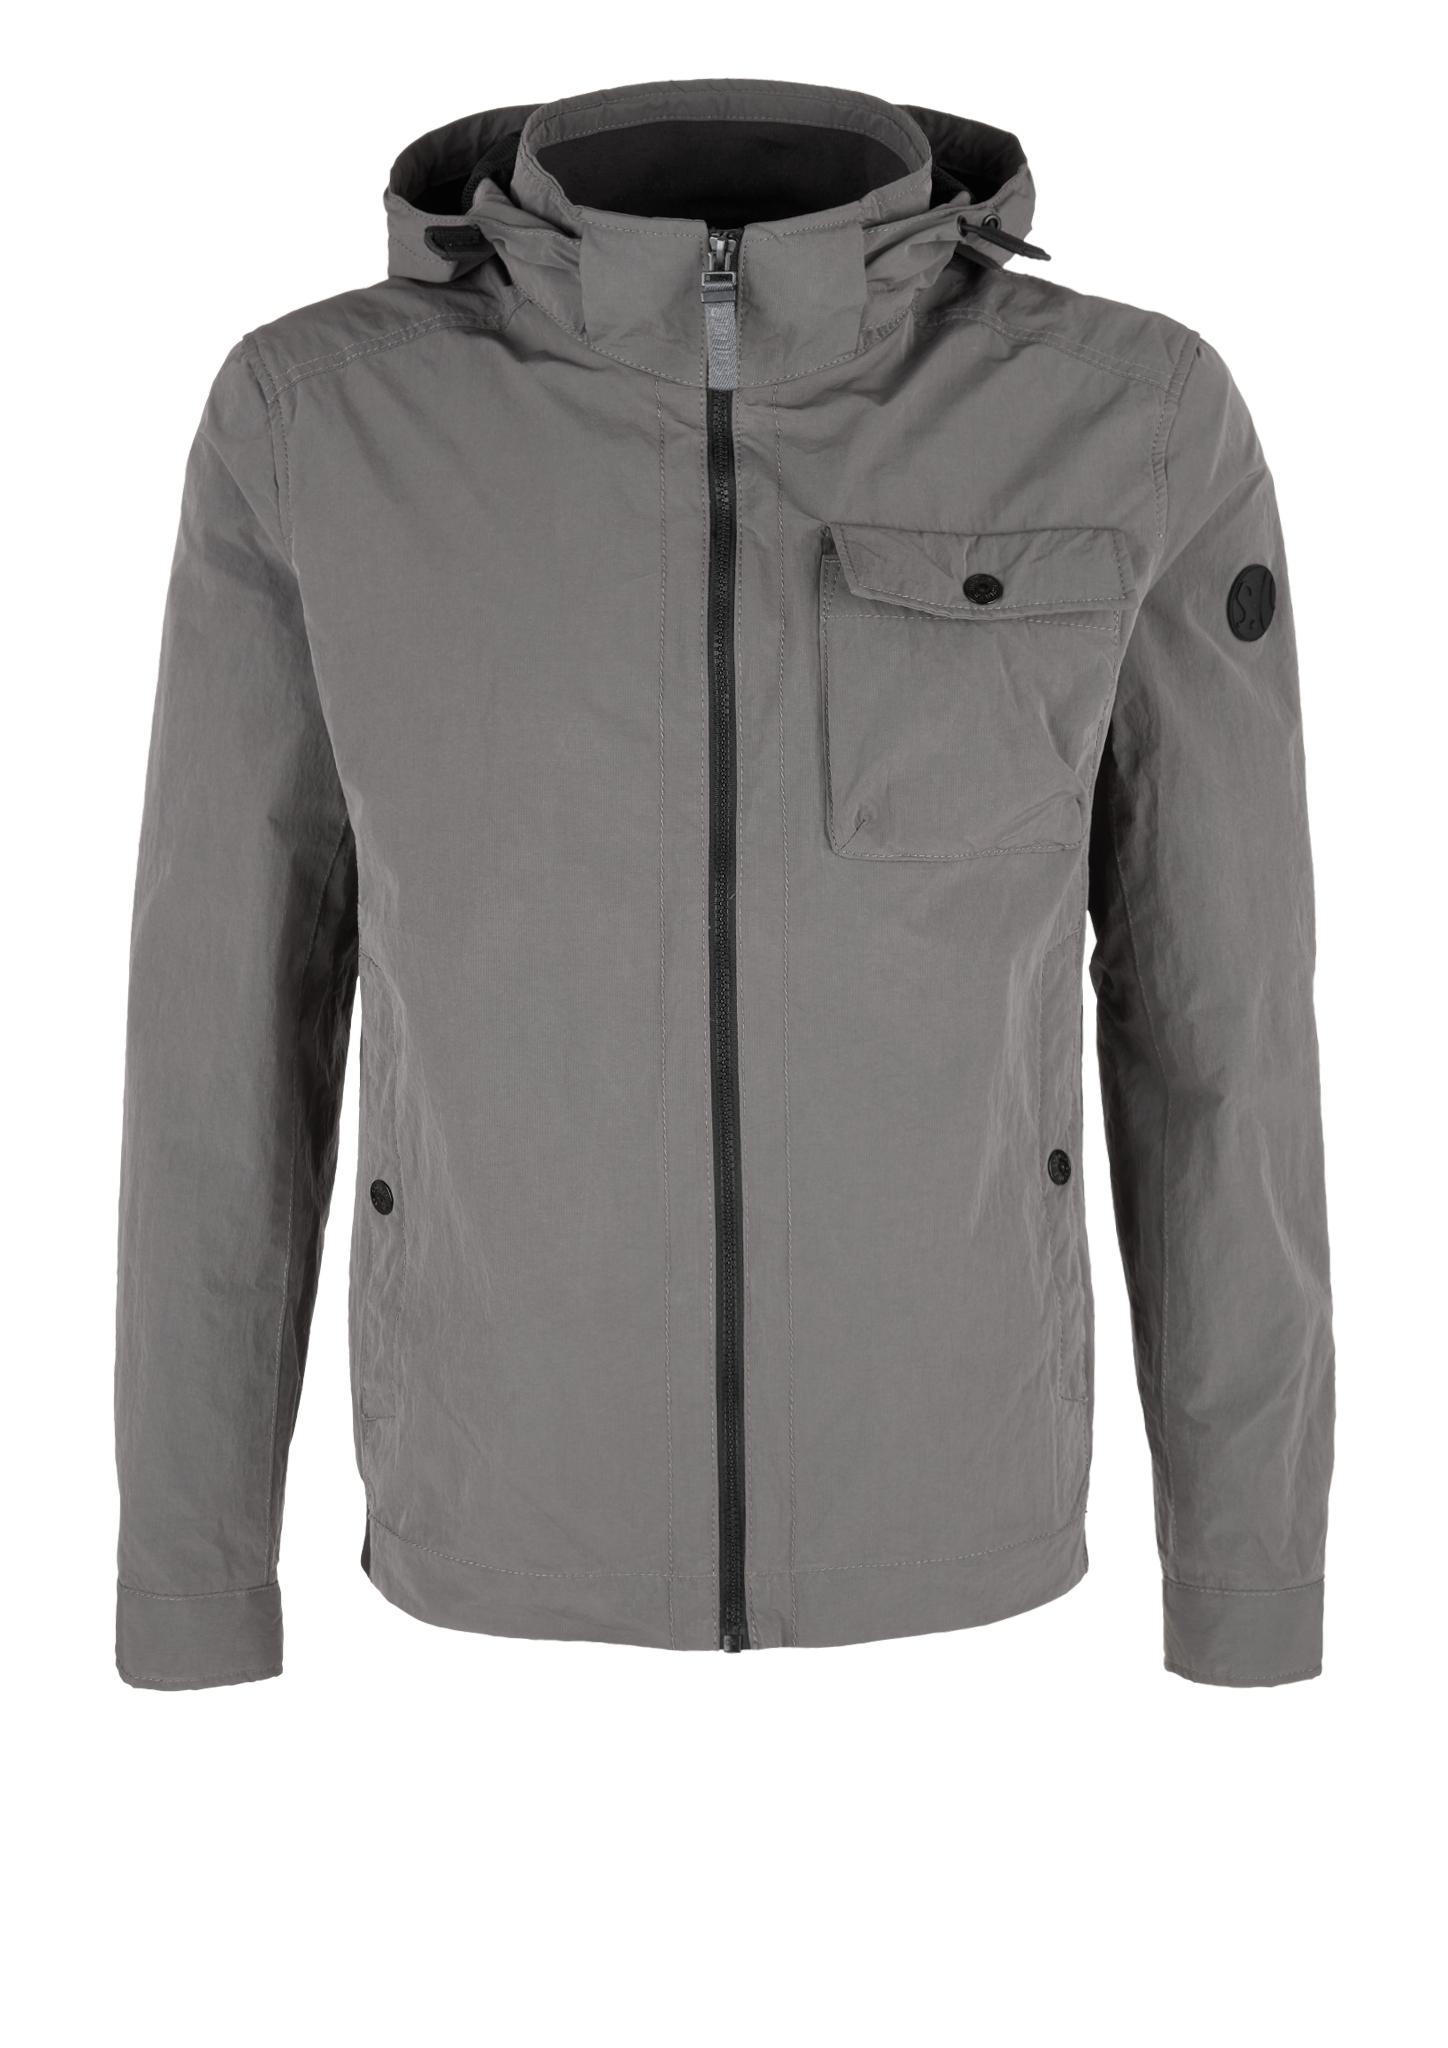 Outdoor-Jacke   Bekleidung > Jacken > Sonstige Jacken   Grau/schwarz   Oberstoff: 58% polyamid -  42% polyester  futter: 100% polyester  kragen: 55% baumwolle -  45% polyester   s.Oliver